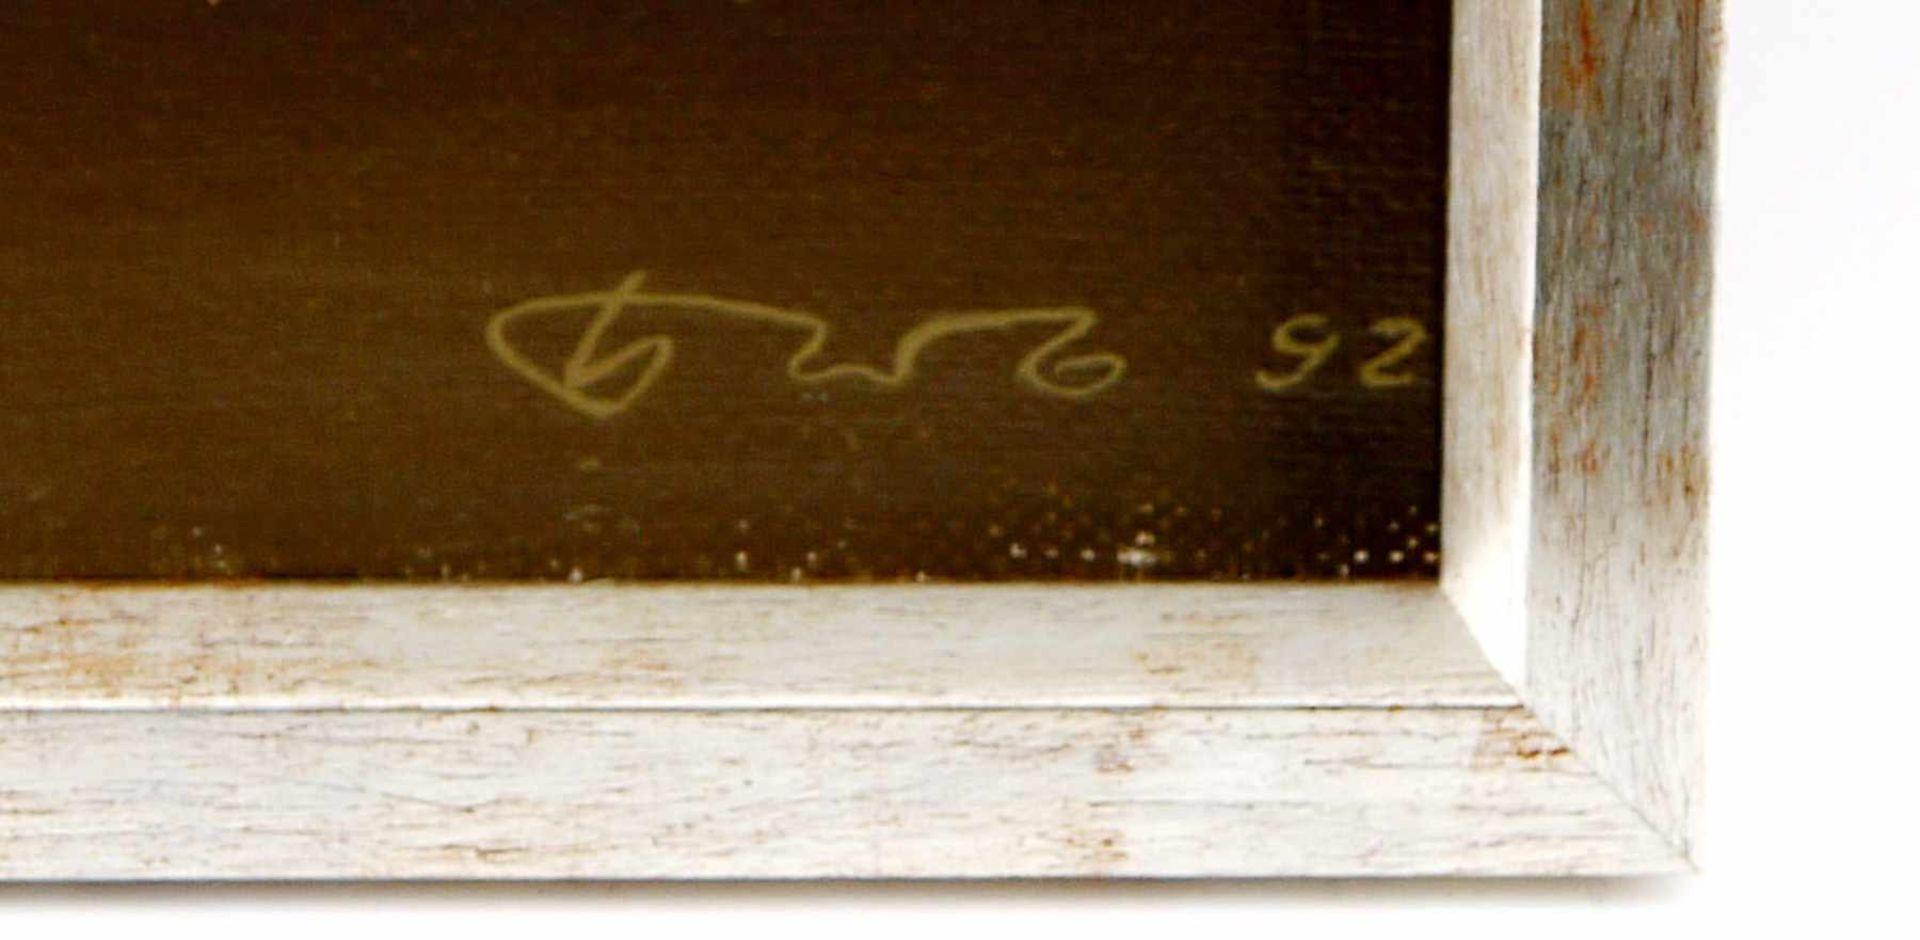 Los 43 - BEZUGLOV VOLODIMIR. 04.01.92, signiert und datiert. Öl auf Leinwand, signiert und datiert rechts